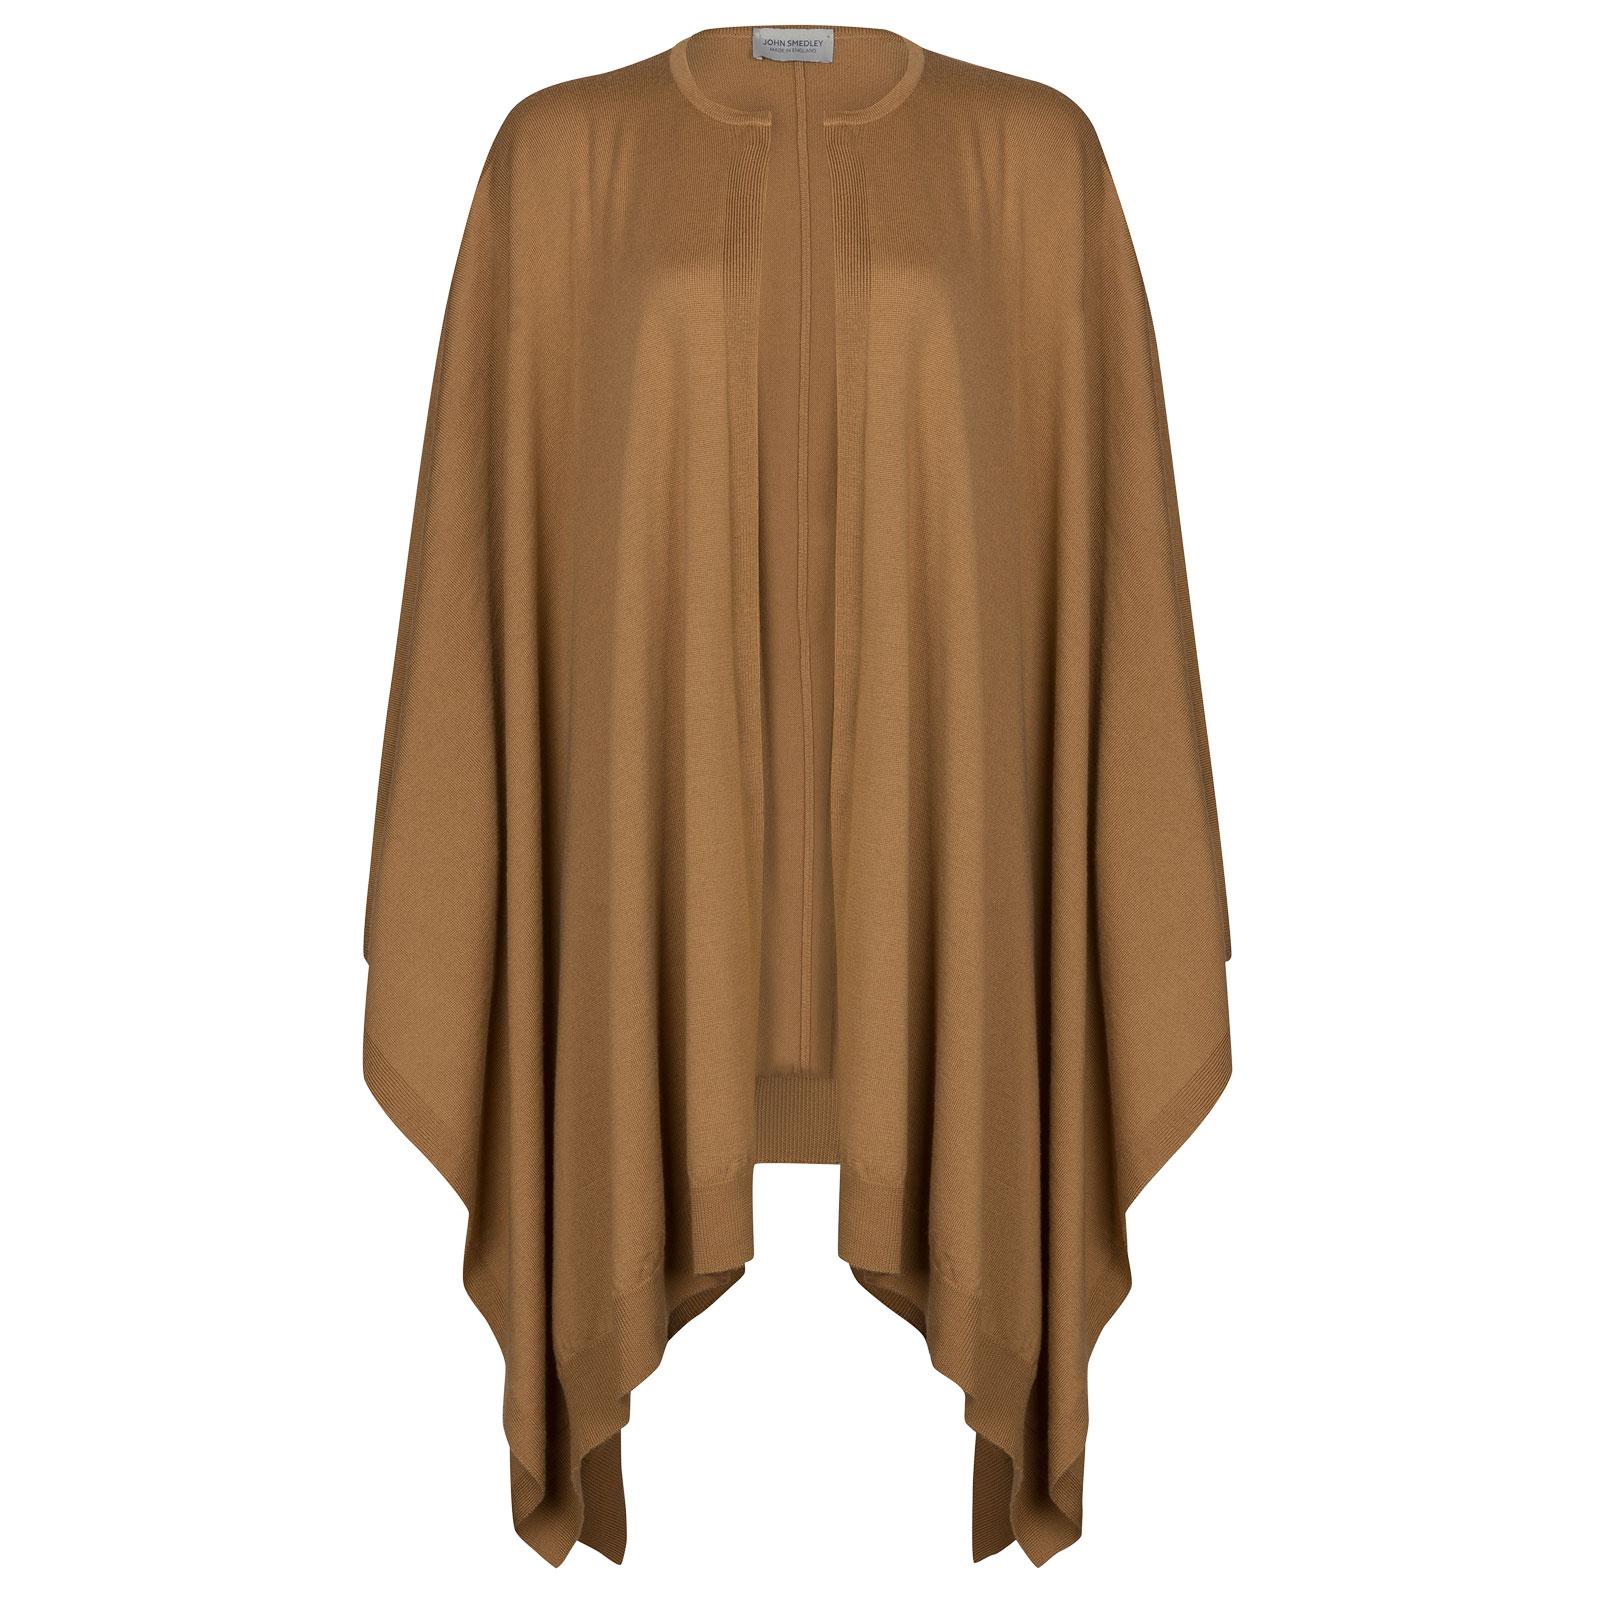 John Smedley heddon Merino Wool Cape in Camel-ONE